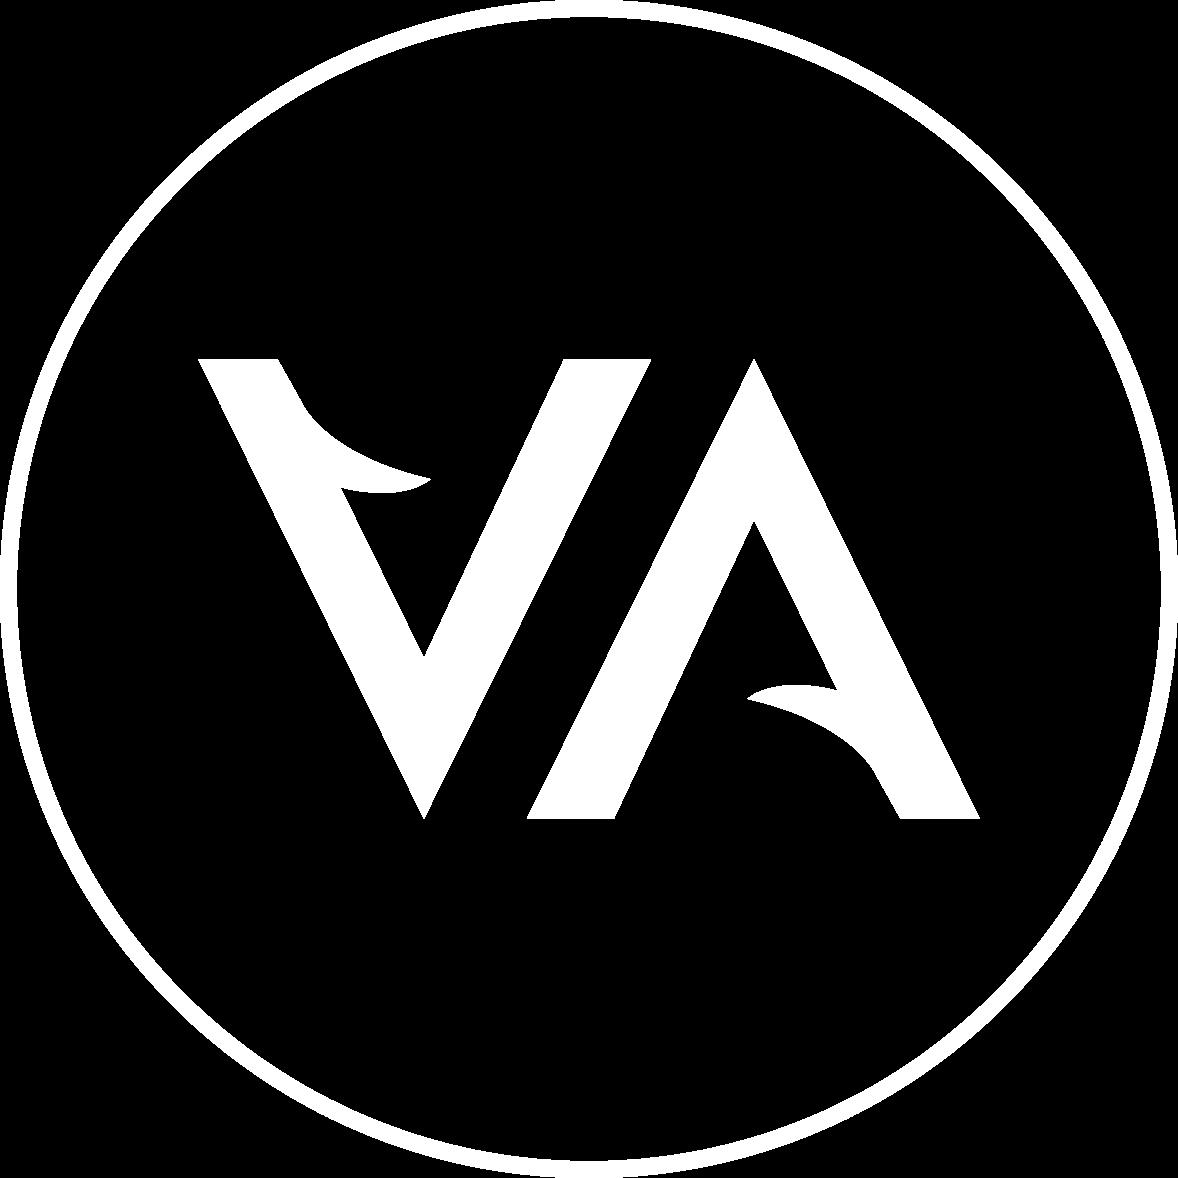 work/images/VA_logo_white_circle_white.png